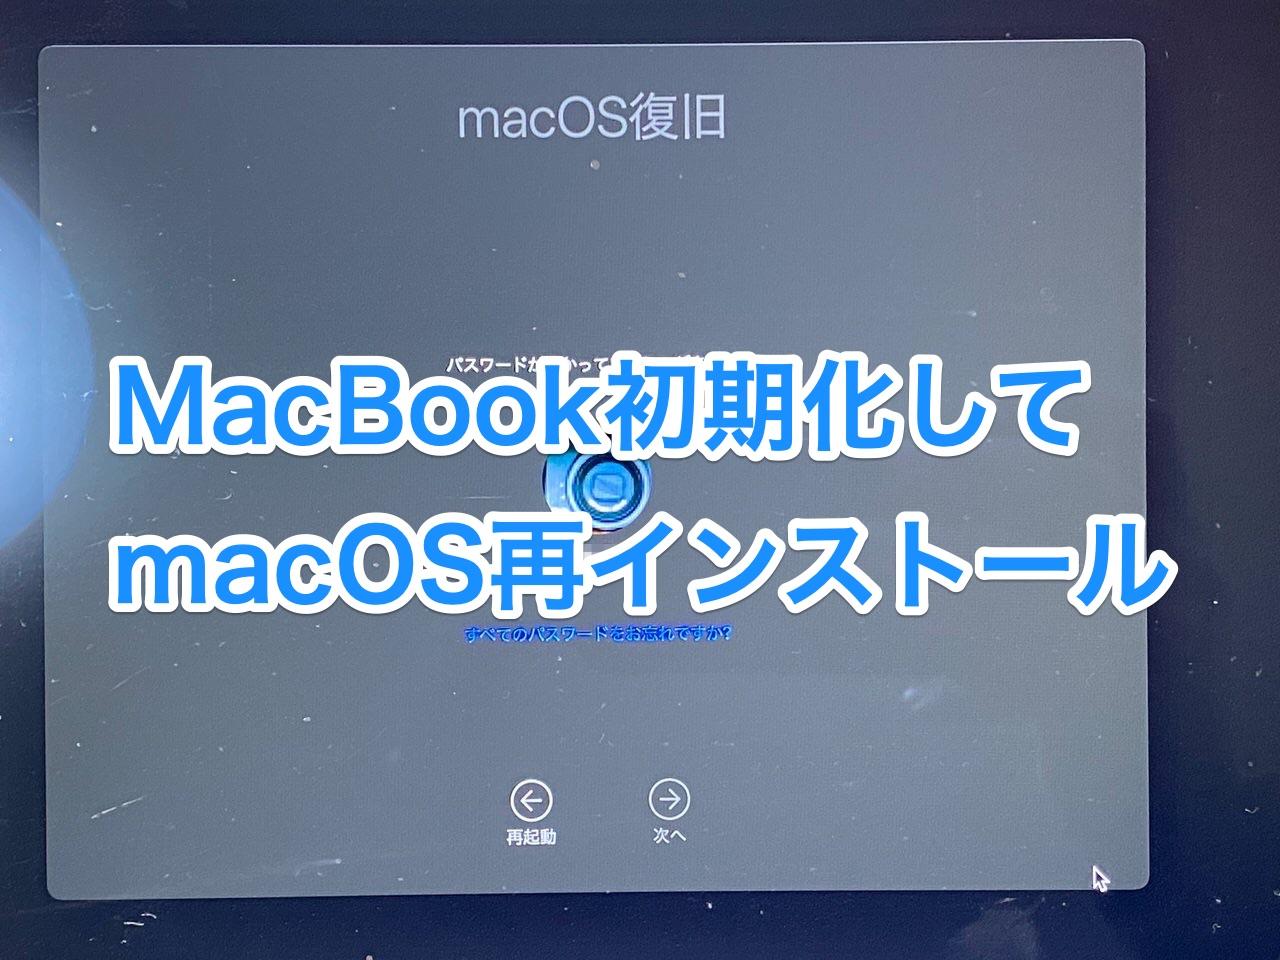 息子に譲るためMacBookを初期化してmacOSを再インストールした